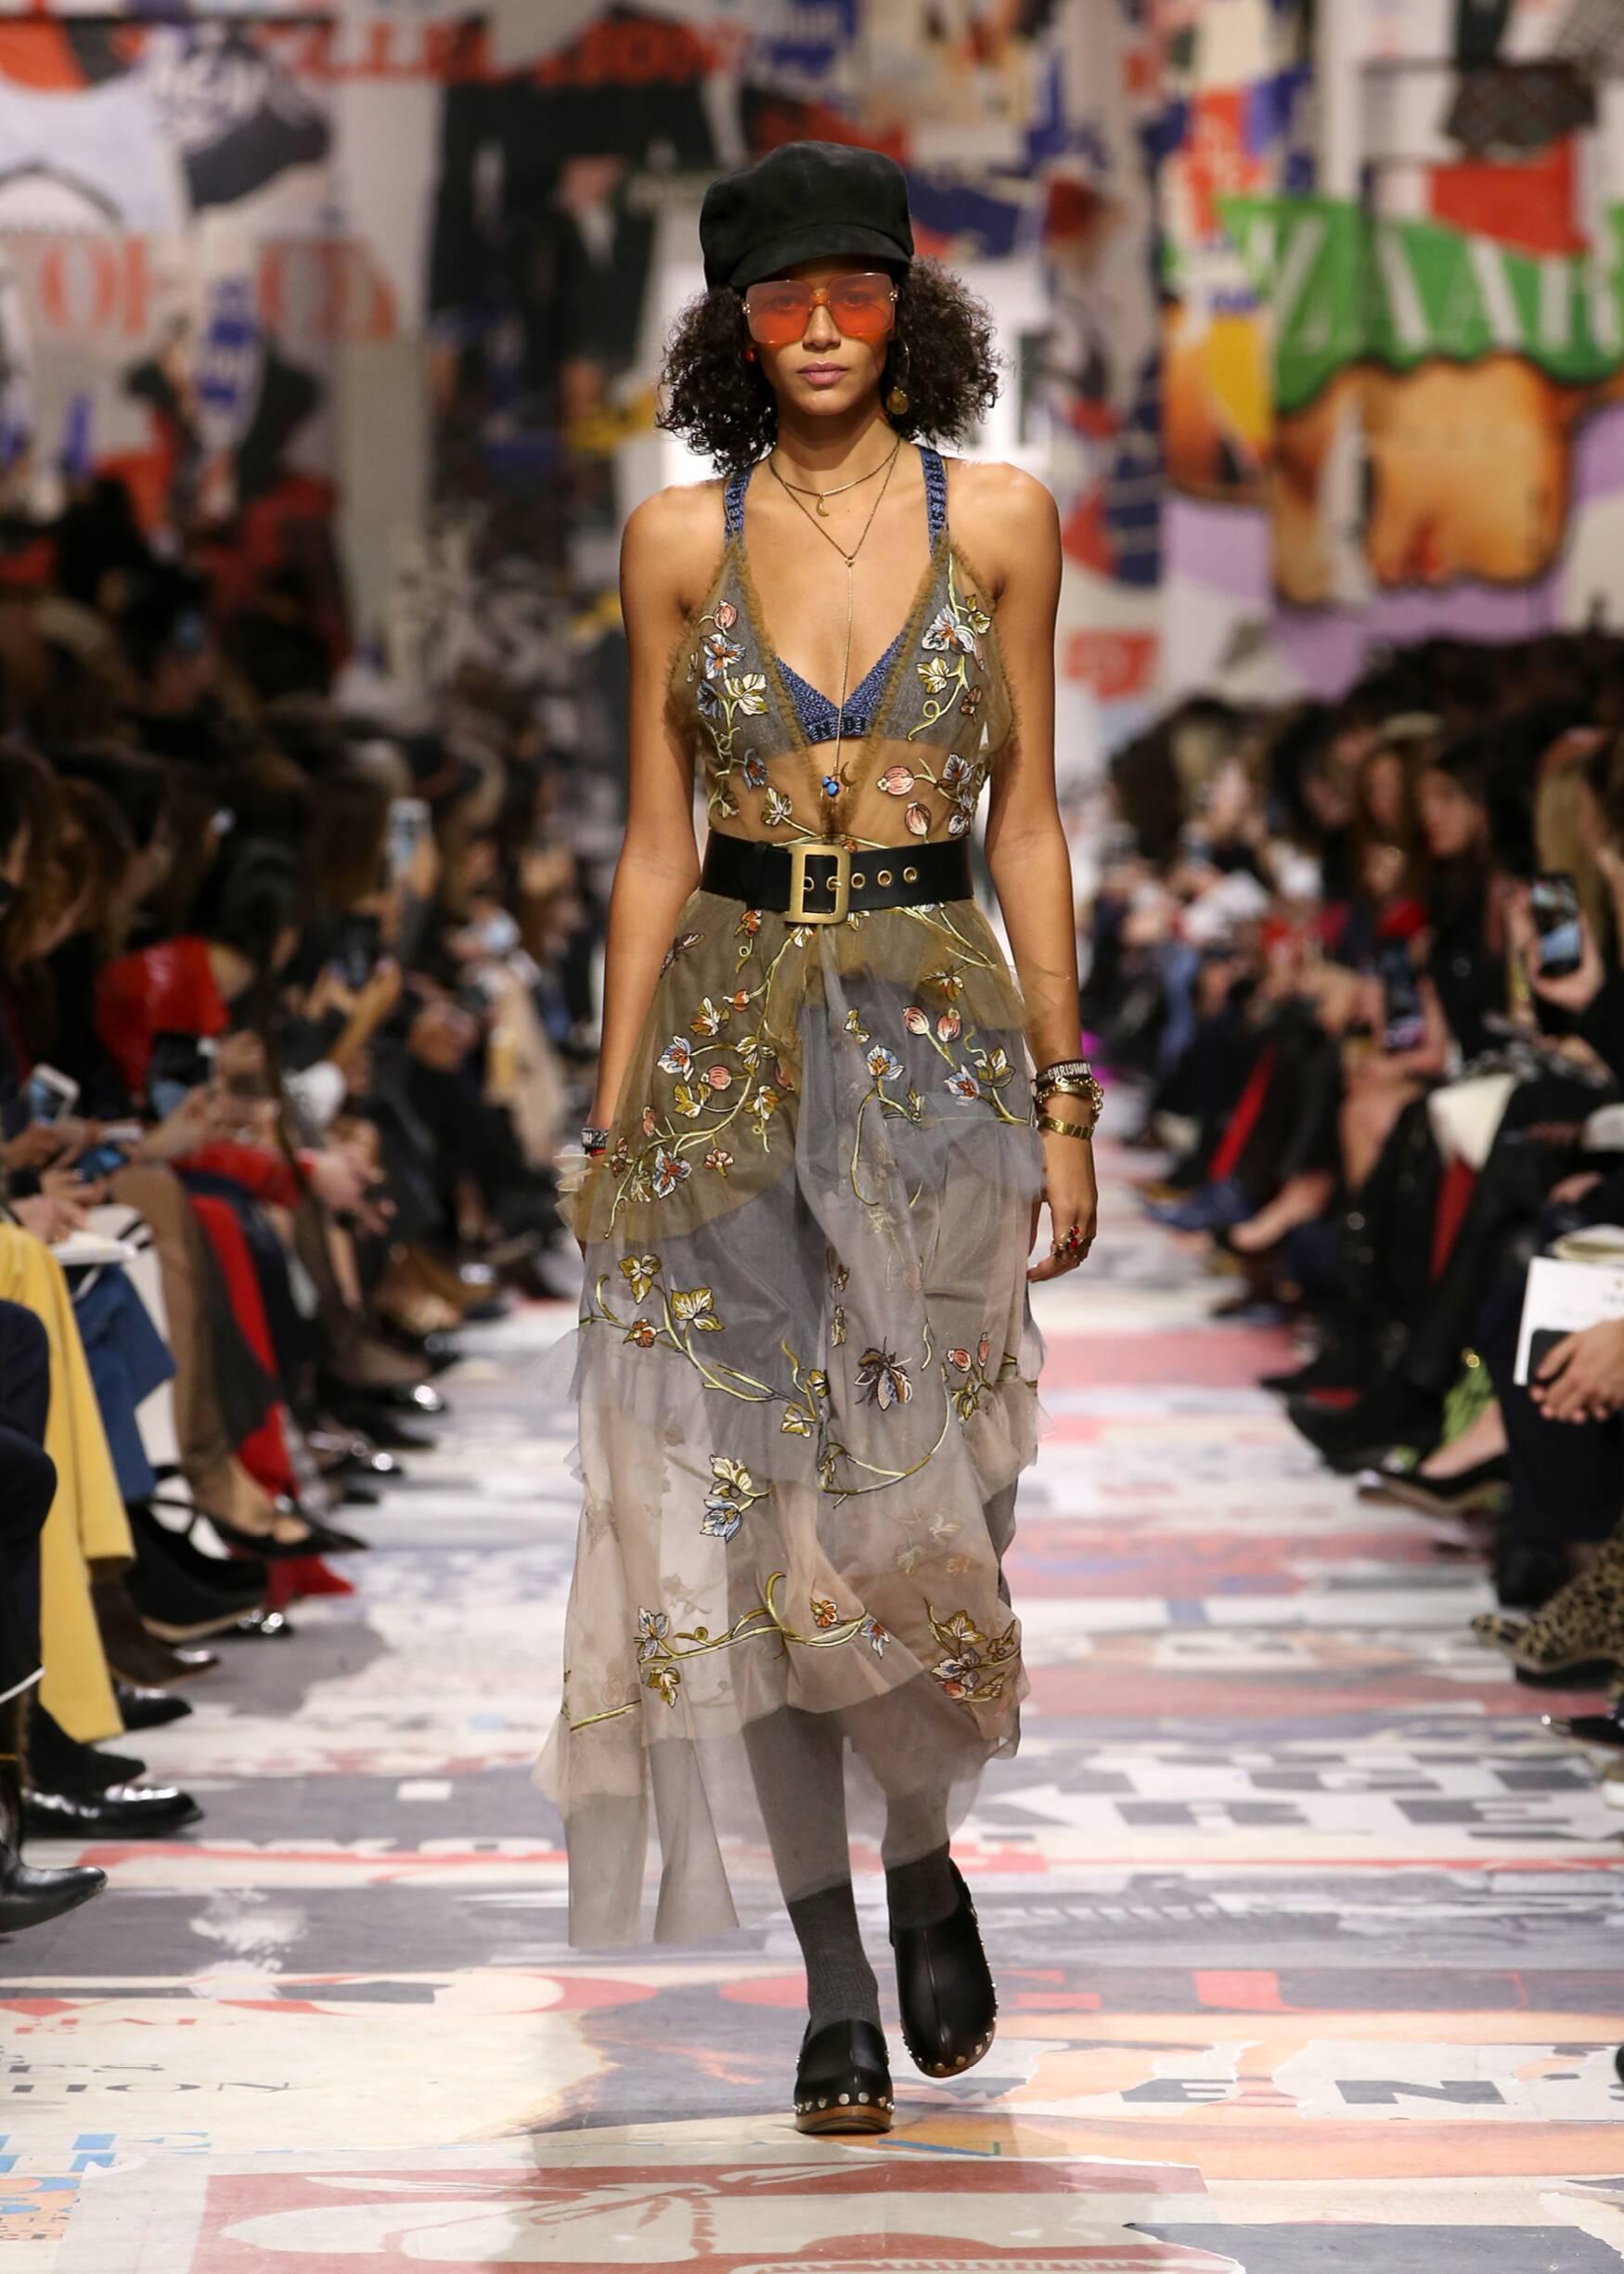 Dior FW 2018 Womenswear Runway